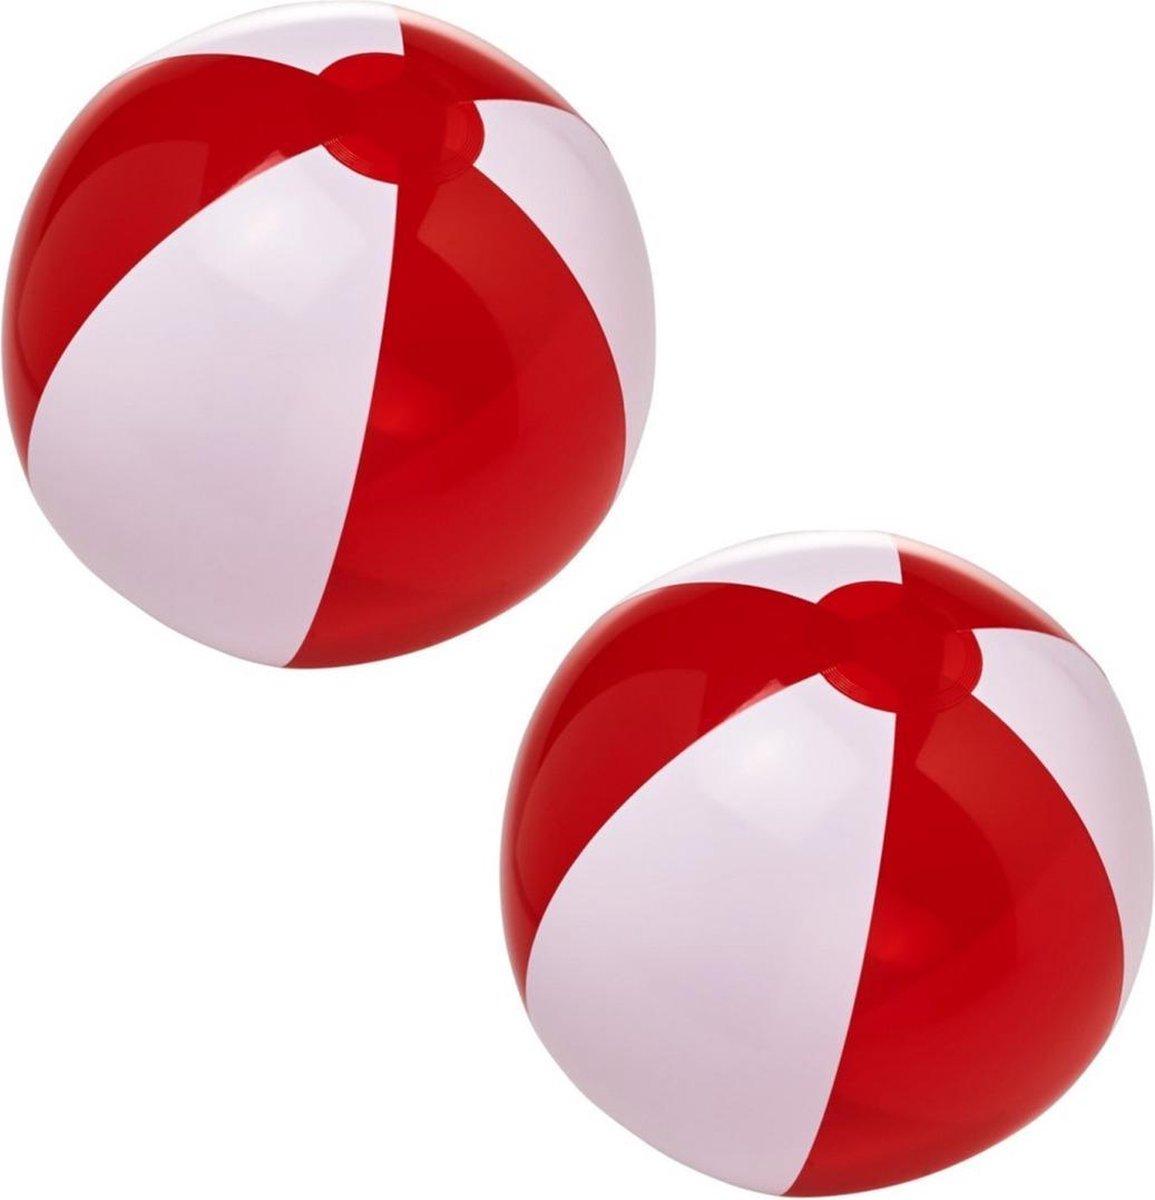 3x stuks opblaasbare strandballen rood/wit 30 cm - Buitenspeelgoed waterspeelgoed opblaasbaar